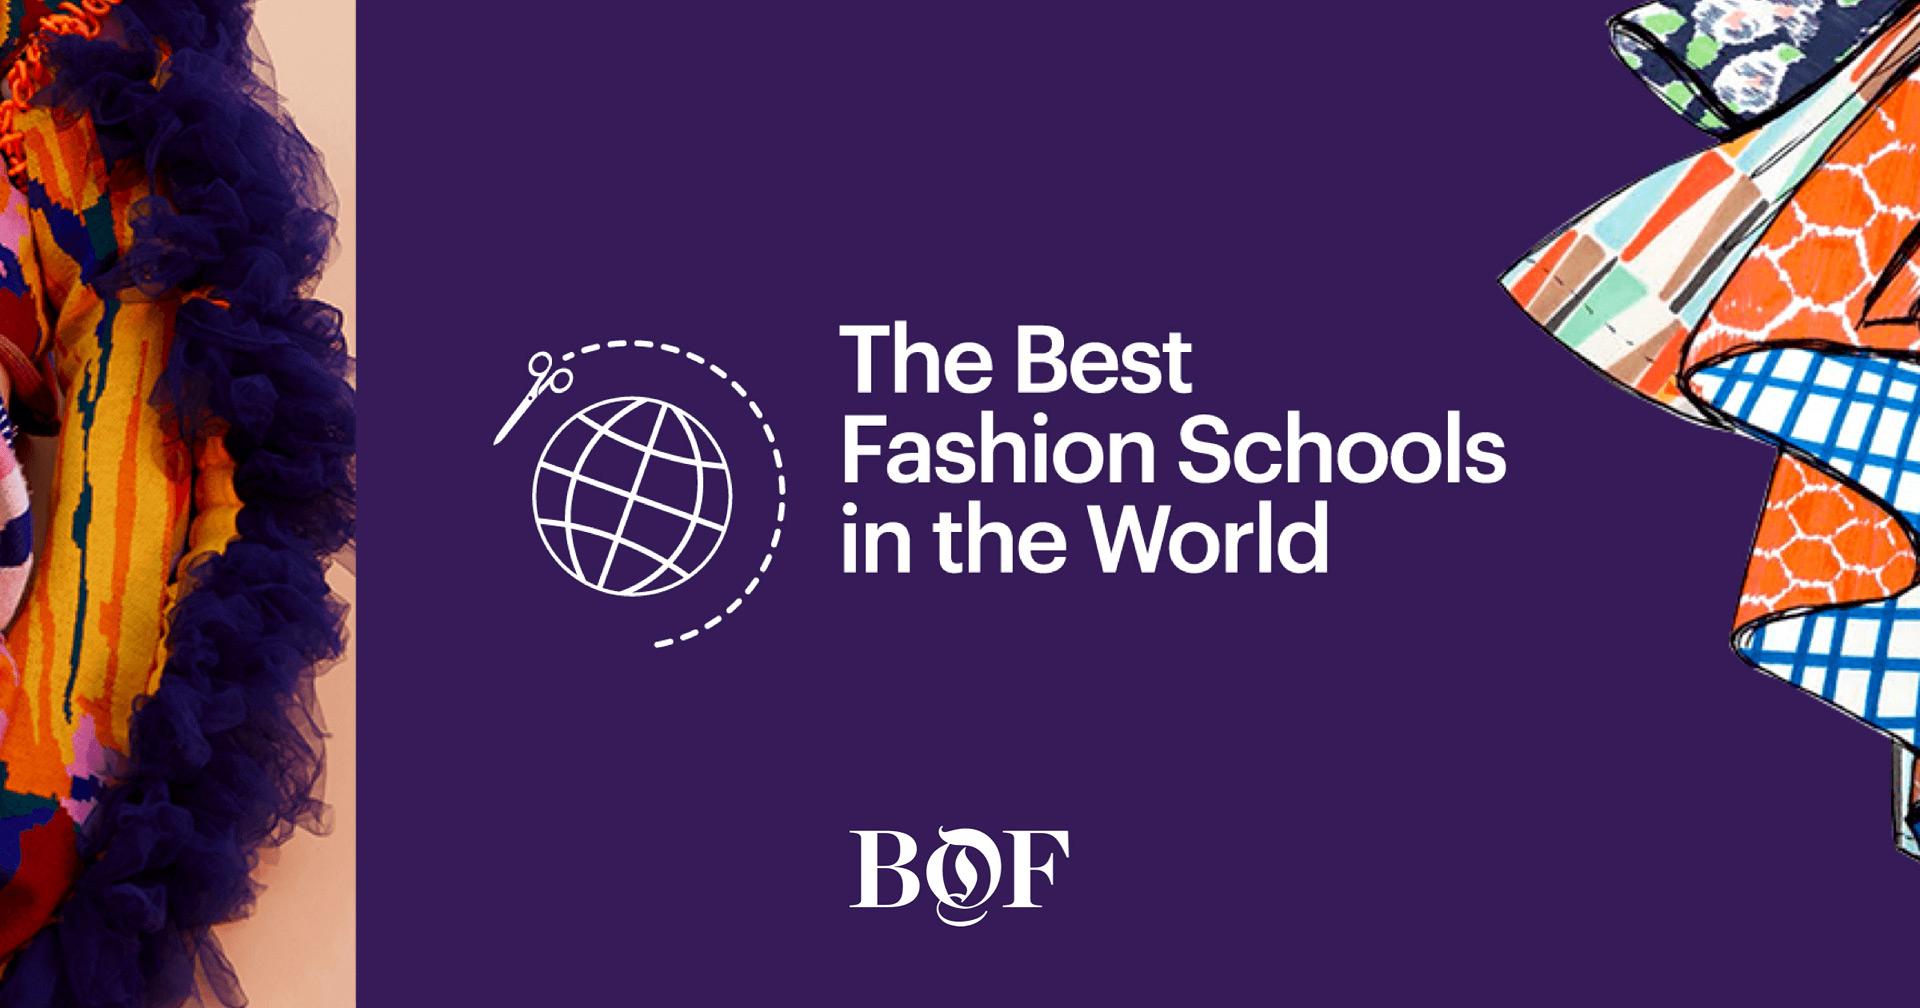 BOF top school logos